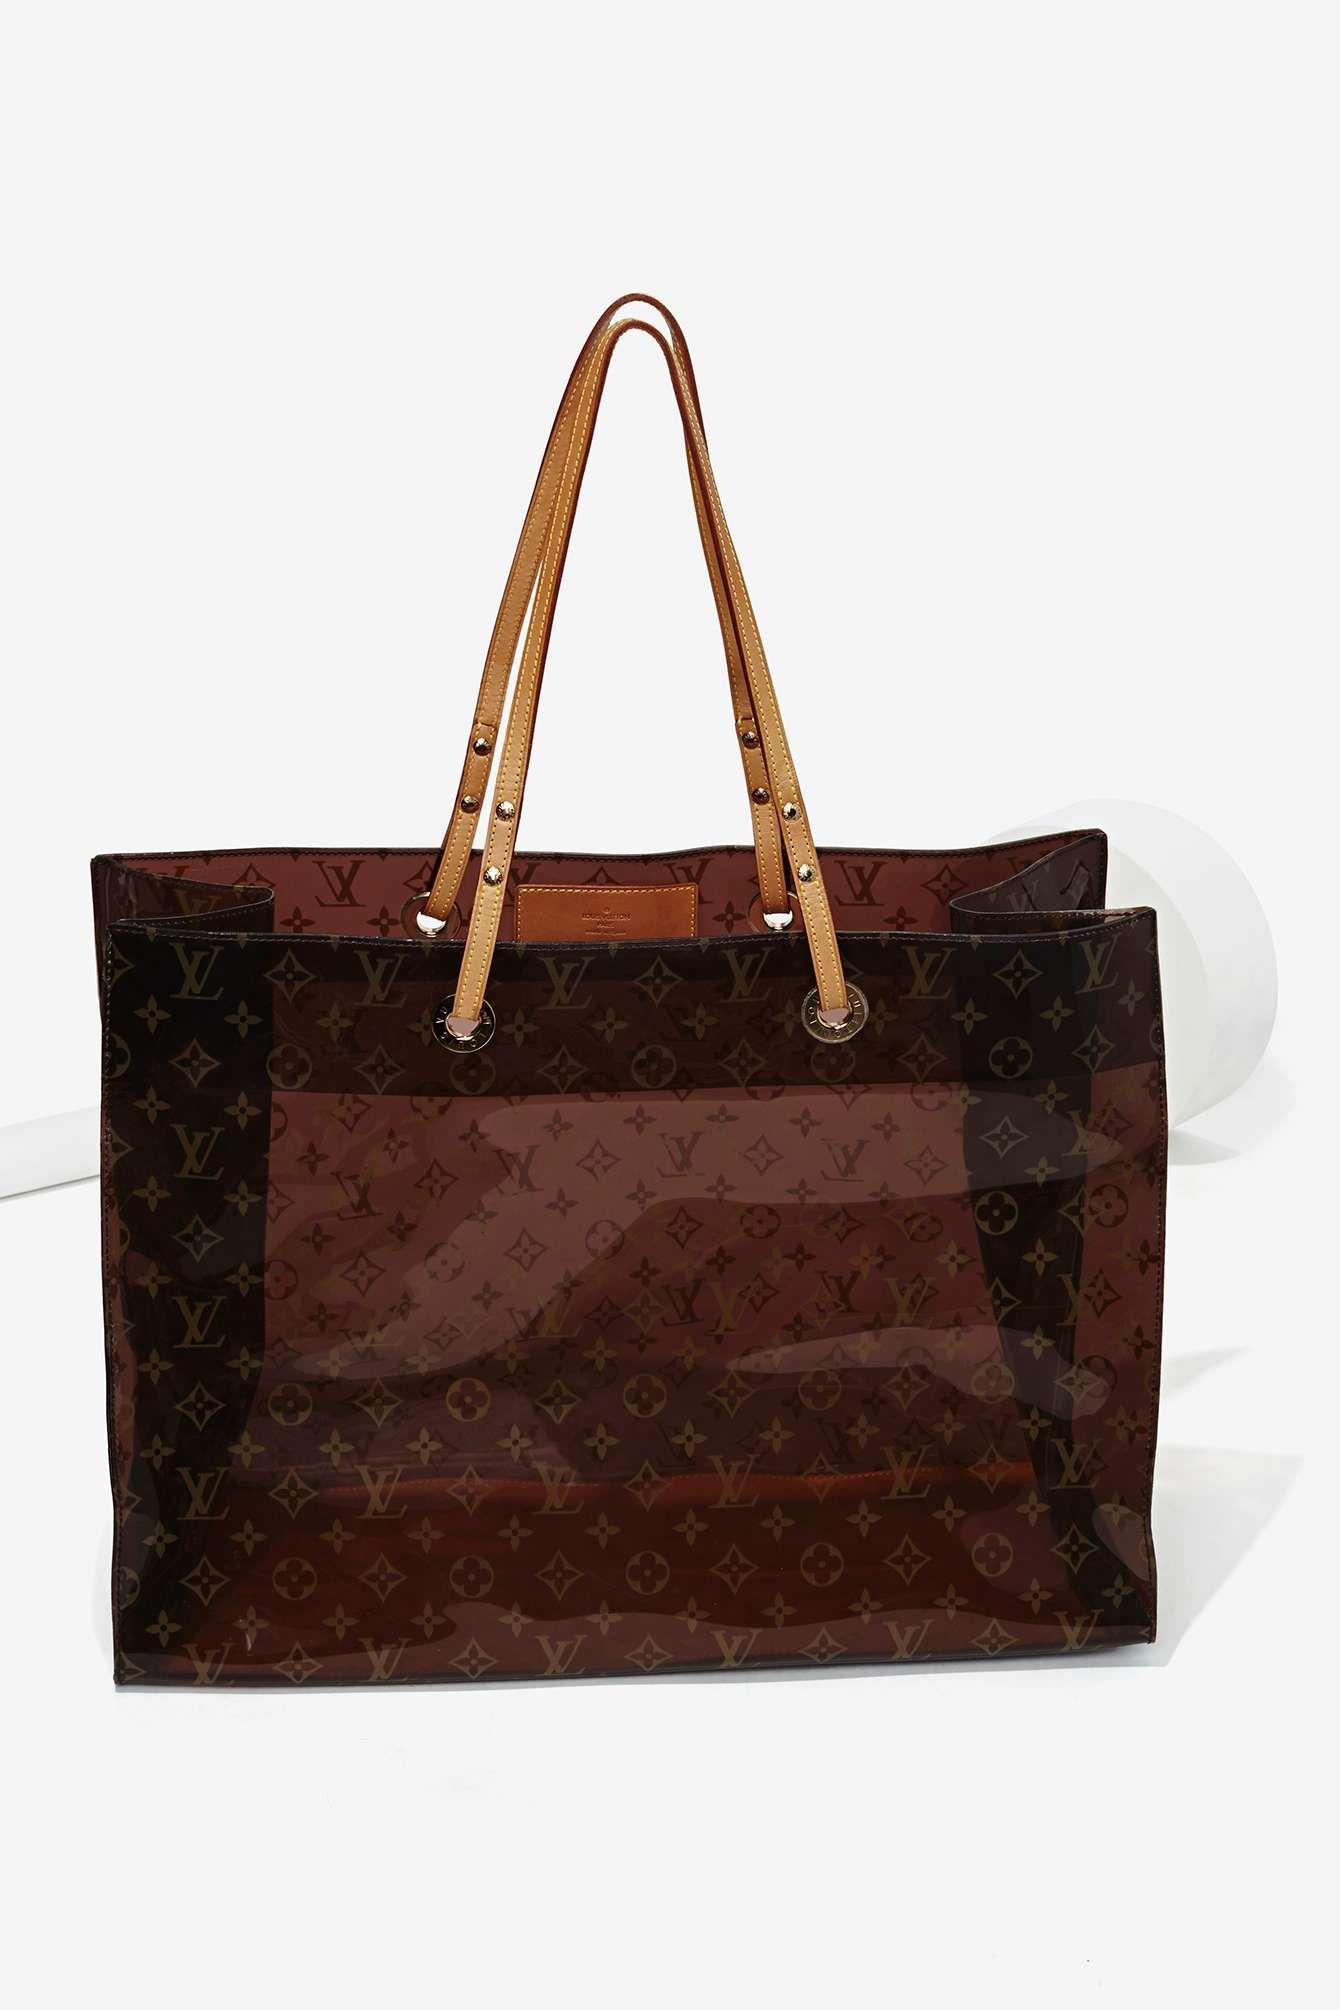 71b6f4713fe Vintage Louis Vuitton Ambre Cabas Vinyl Beach Tote | Louis Vuitton ...